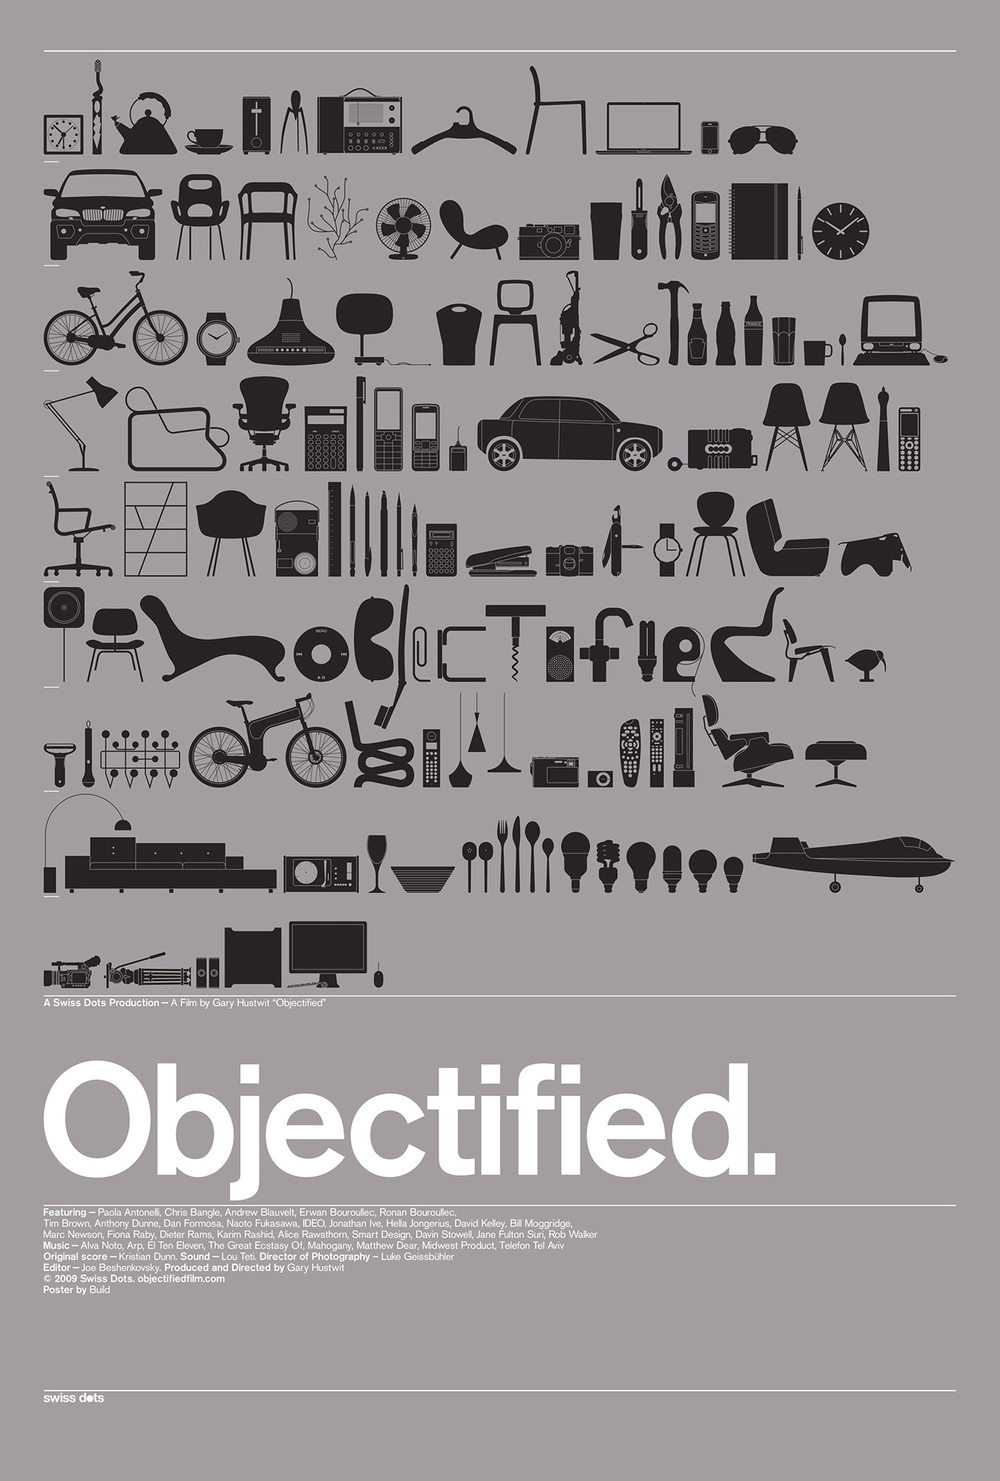 objectified.jpg